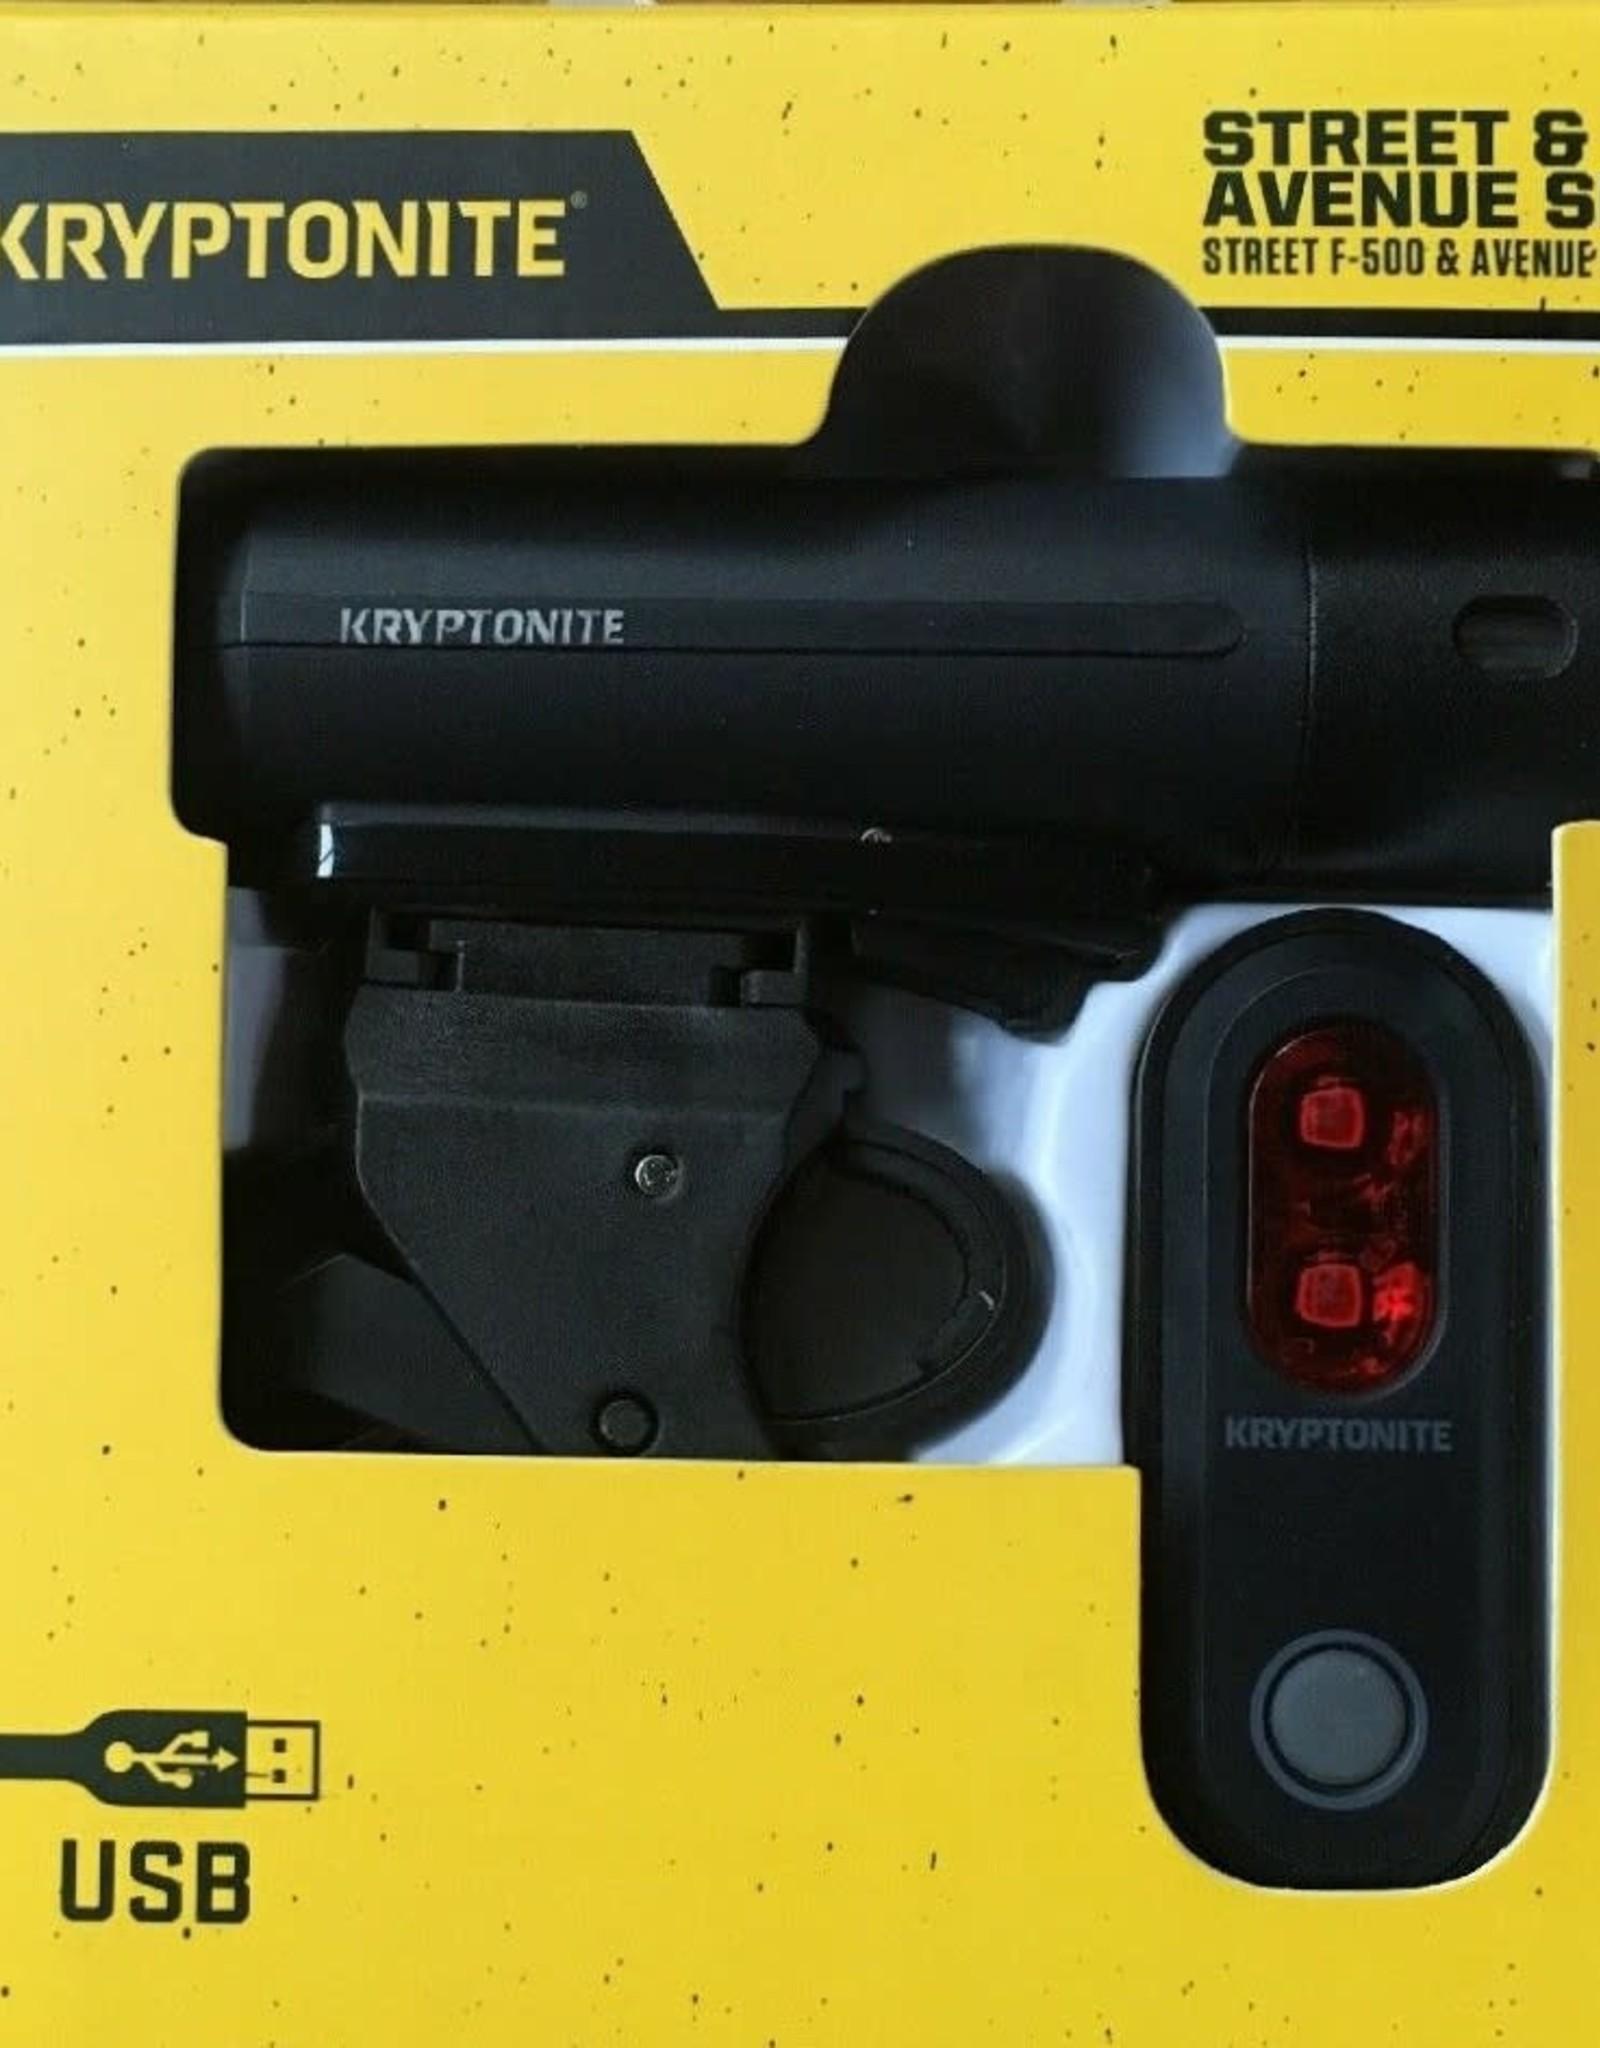 KRYPTONITE Kryptonite Combo Set Street F-500/ Avenue R-45 USB Black